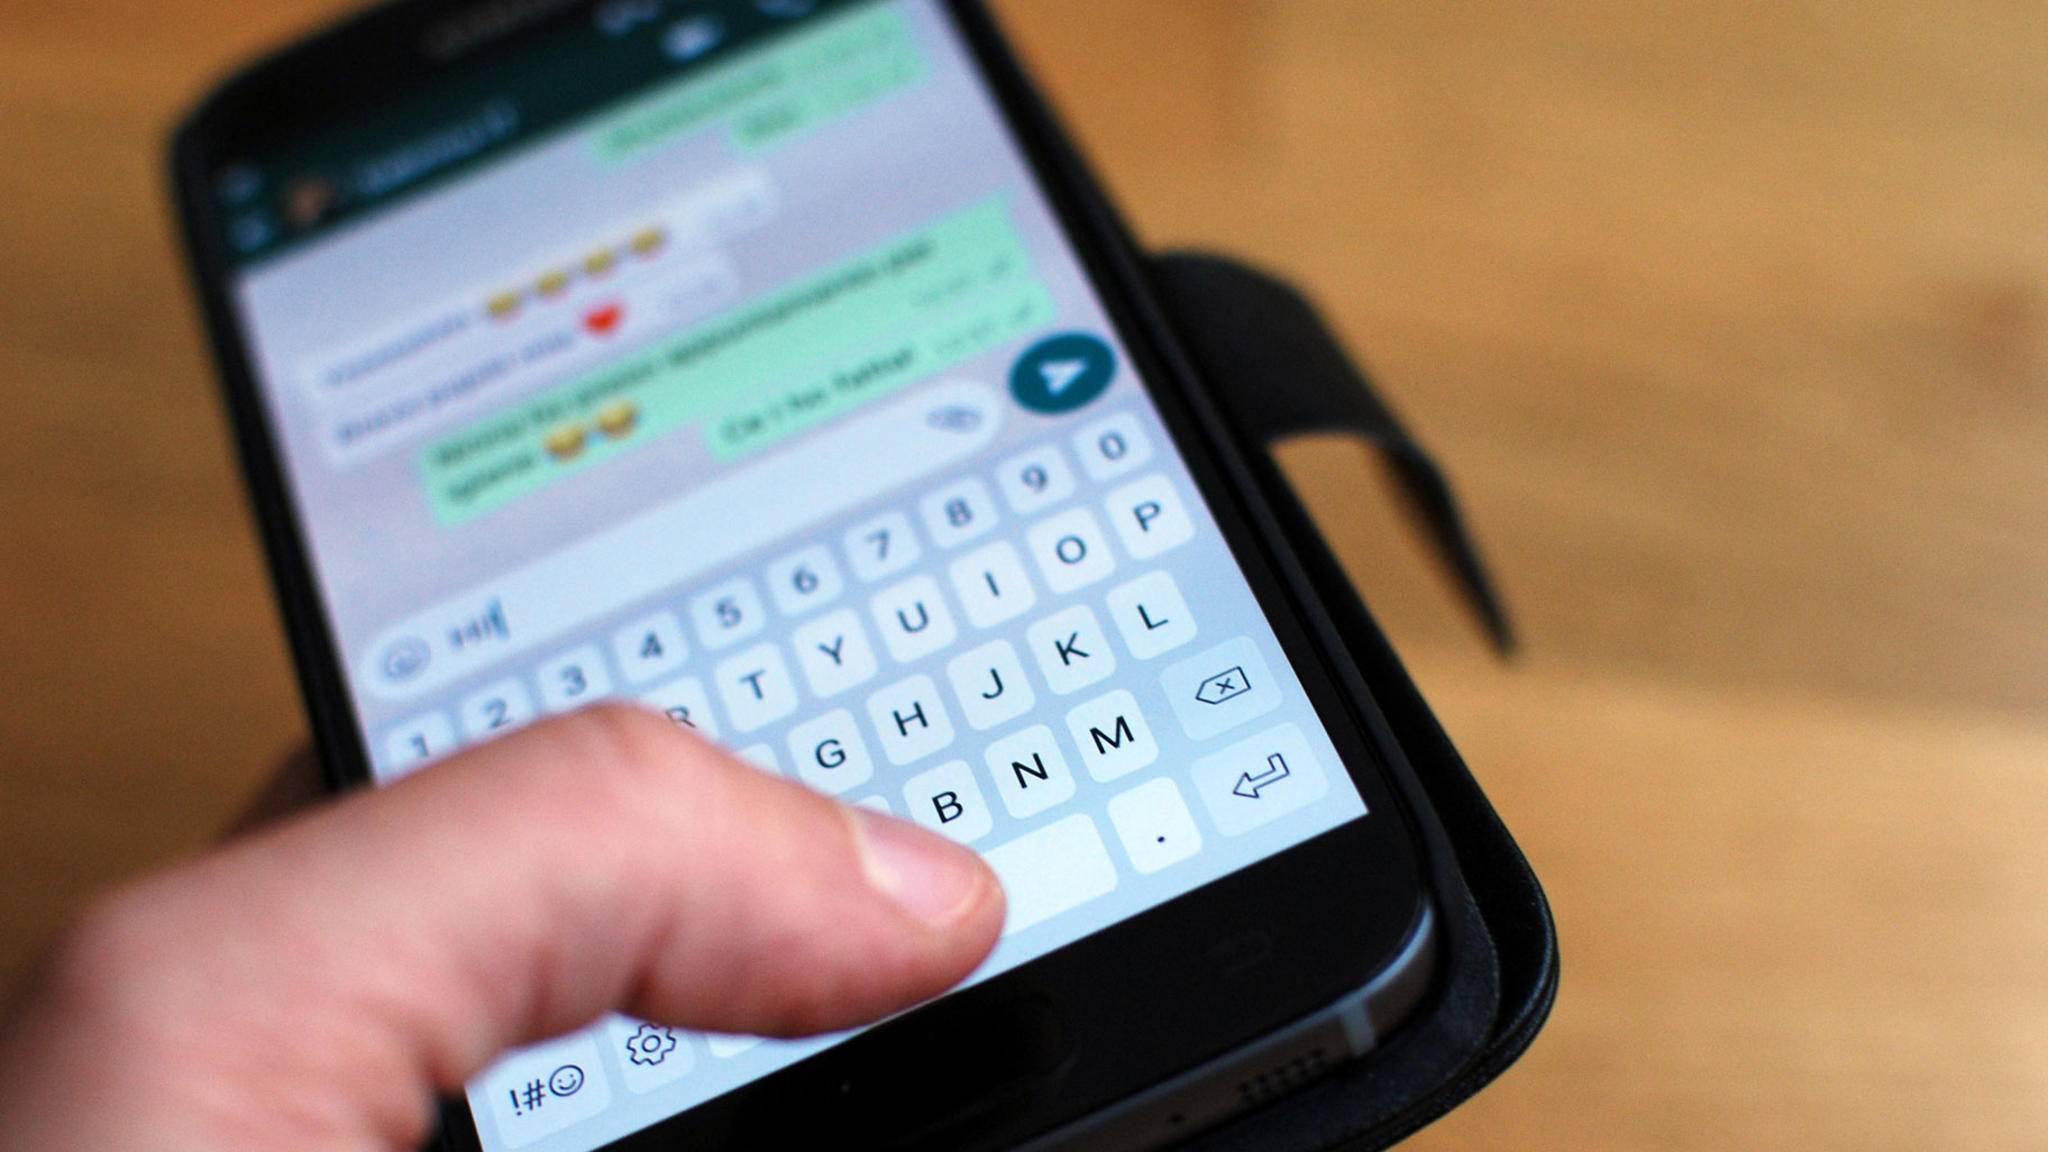 Wer per WhatsApp mit engen Familienmitglieder schreibt, darf auch beleidigen.